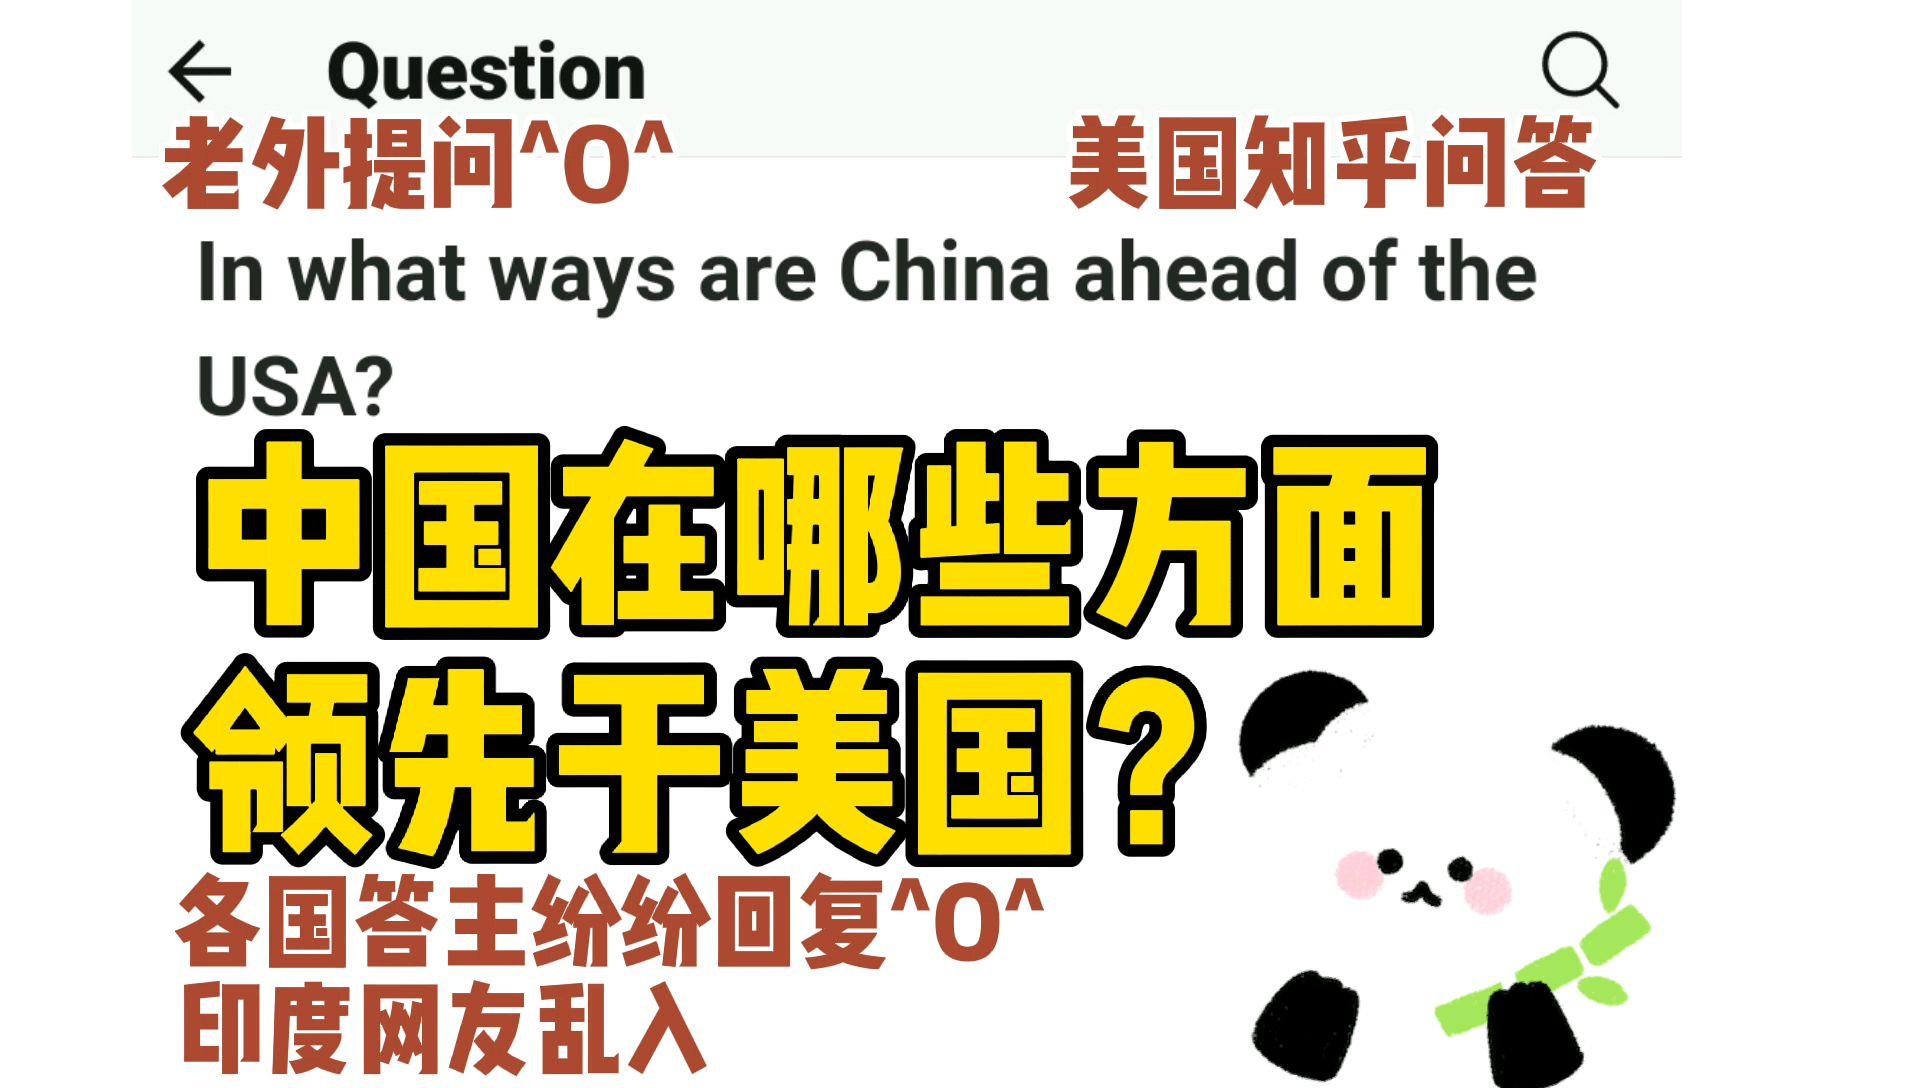 美国知乎,中国在哪些方面领先于美国?各国答主纷纷回复^O^印度网友乱入